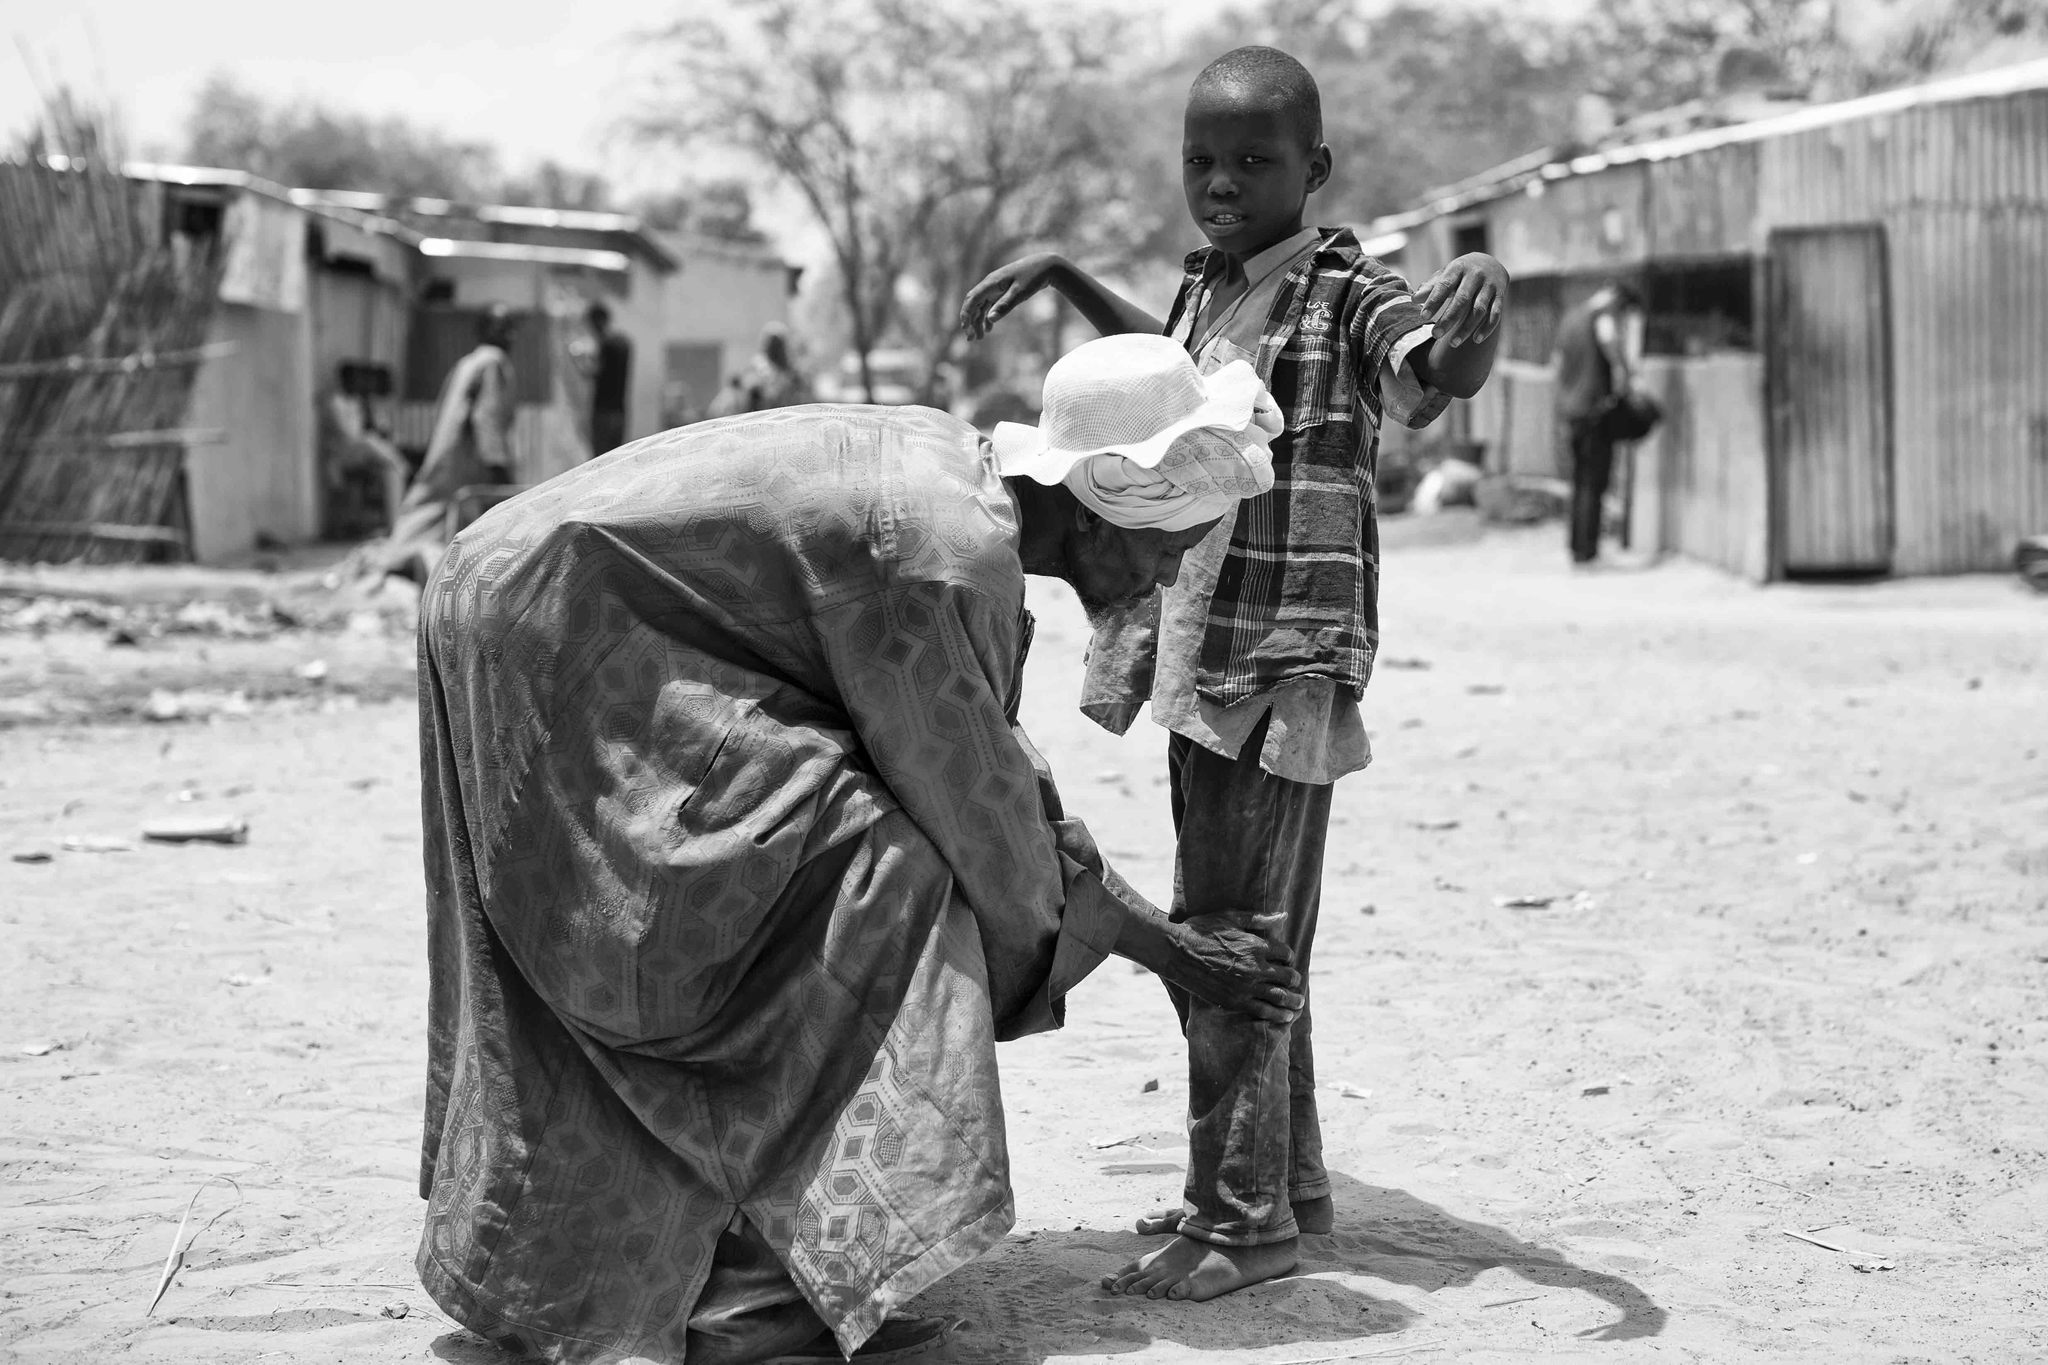 Un voluntario cachea a un niño en busca de bombas a la entrada del mercado de Baga Sola (lago Chad).